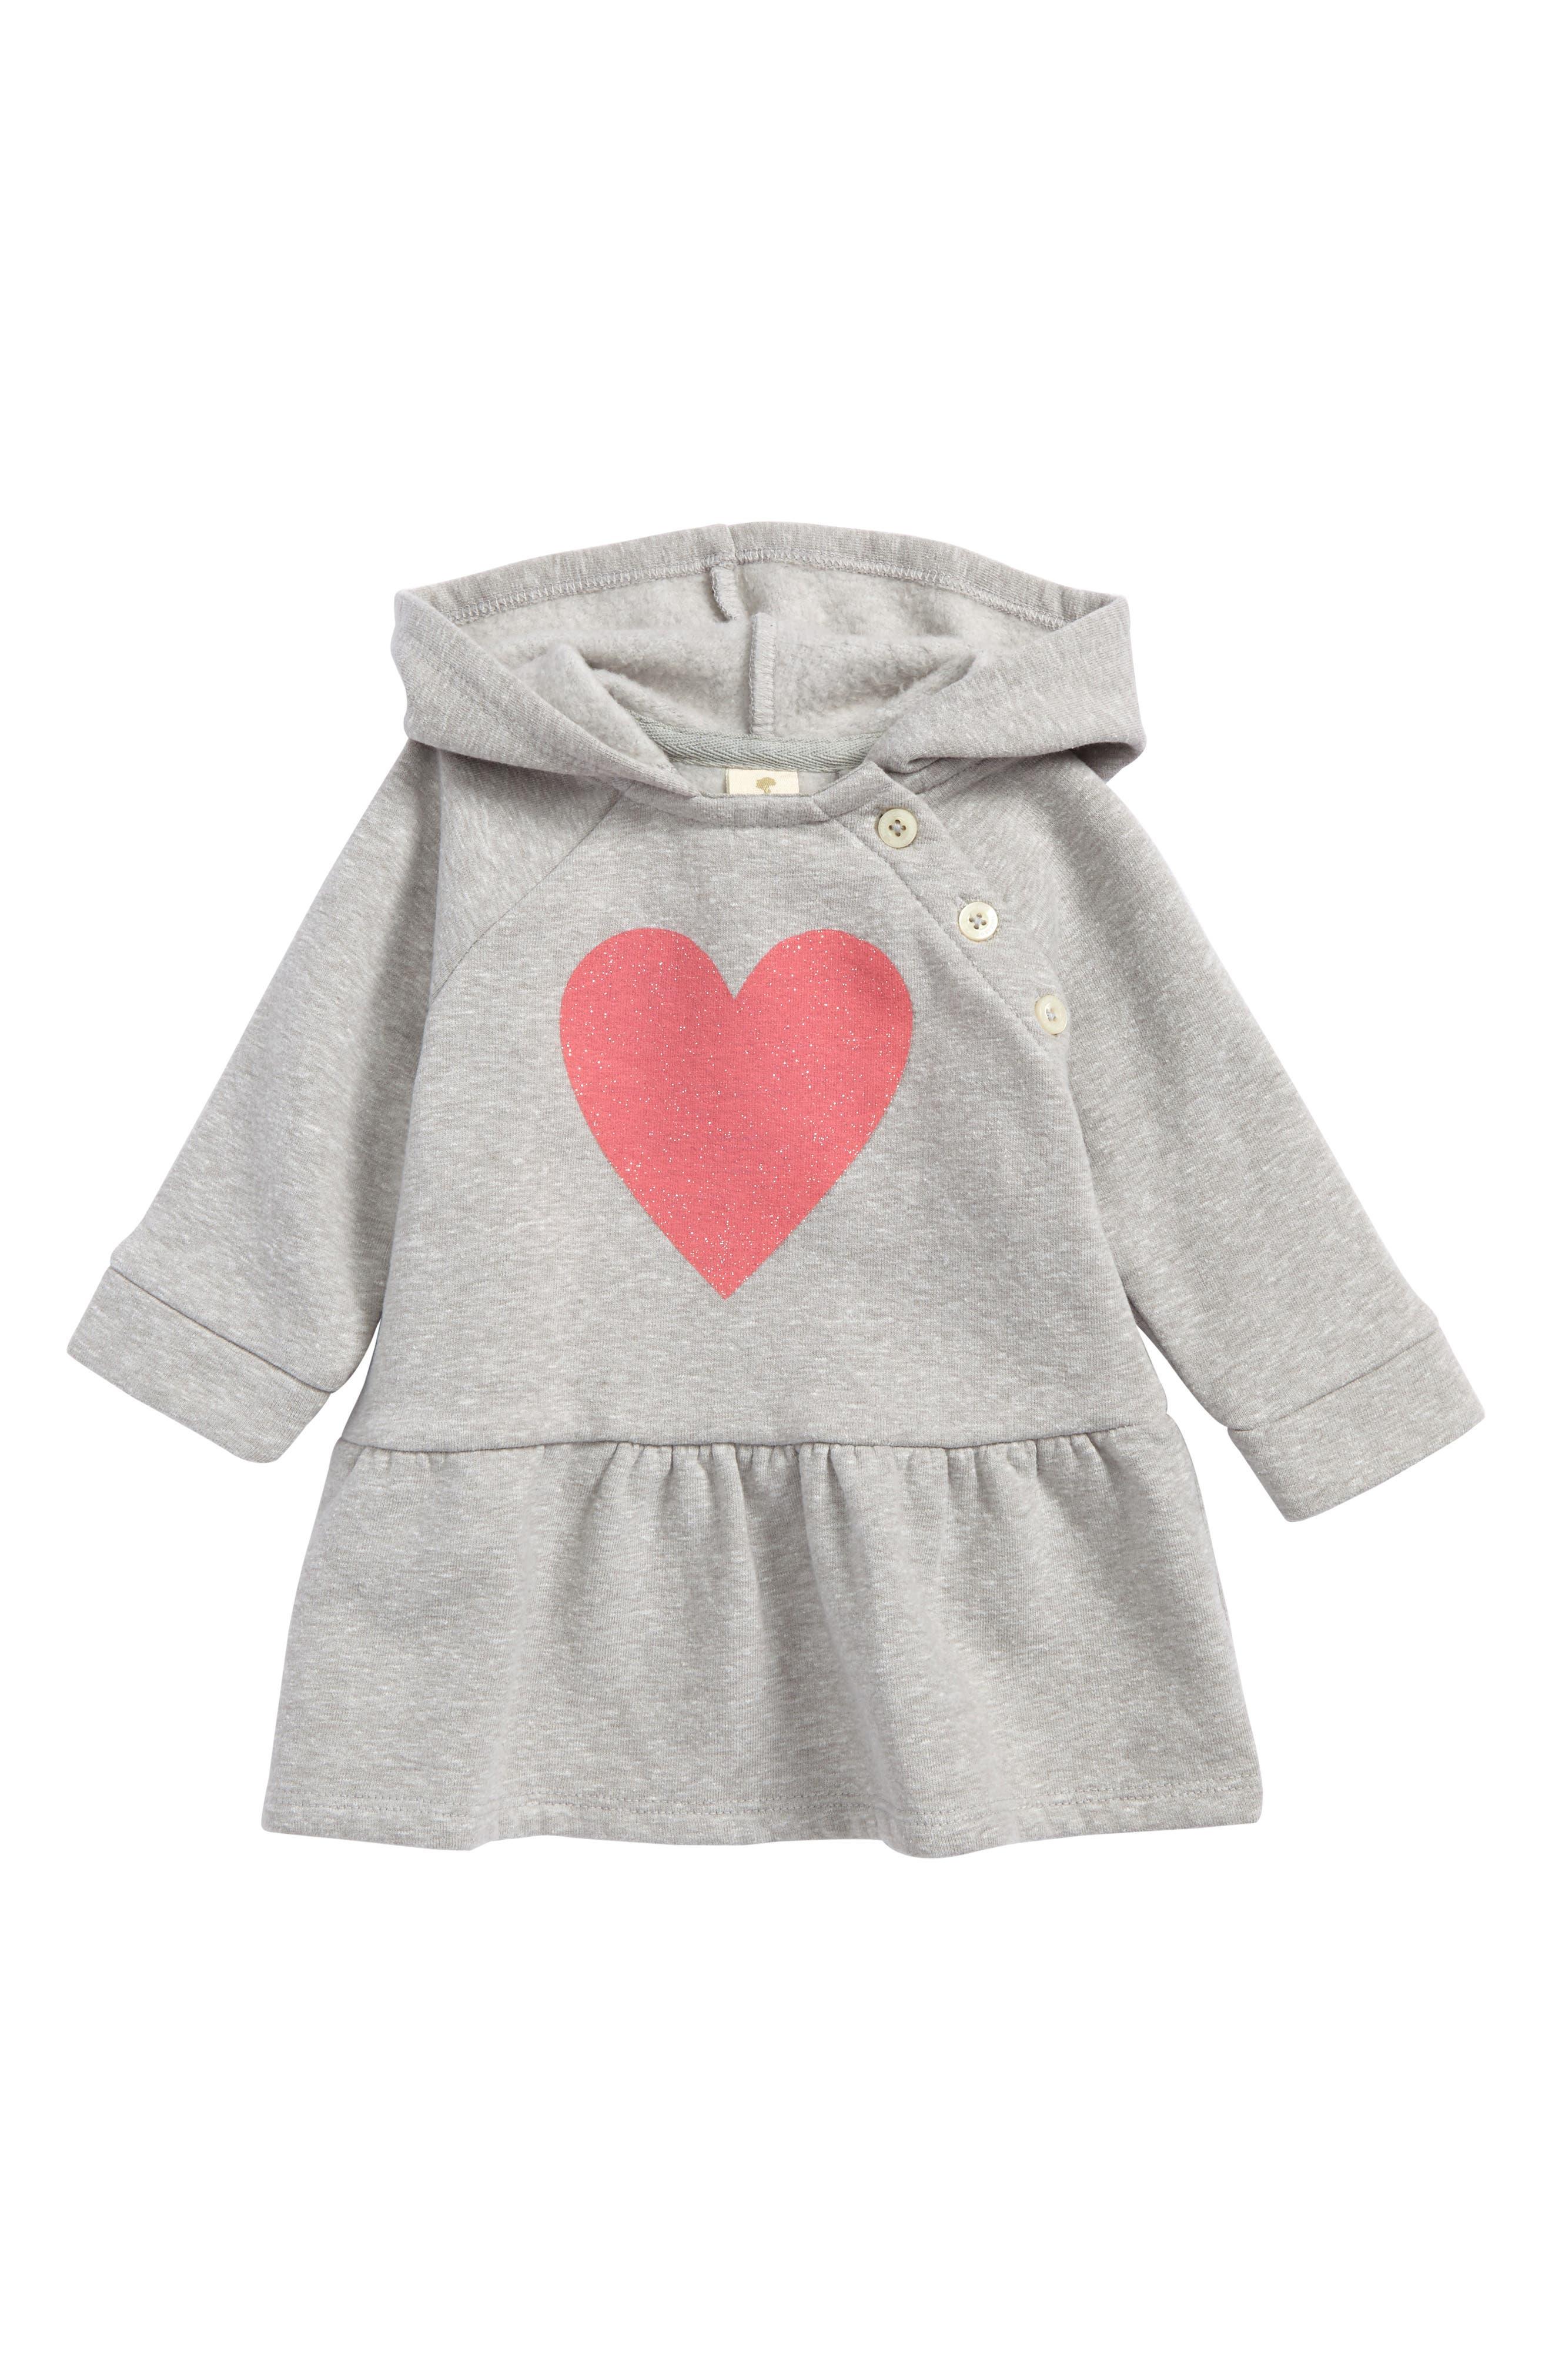 Sparkle Heart Hooded Fleece Dress,                             Main thumbnail 1, color,                             Grey Ash Heather Sparkle Heart